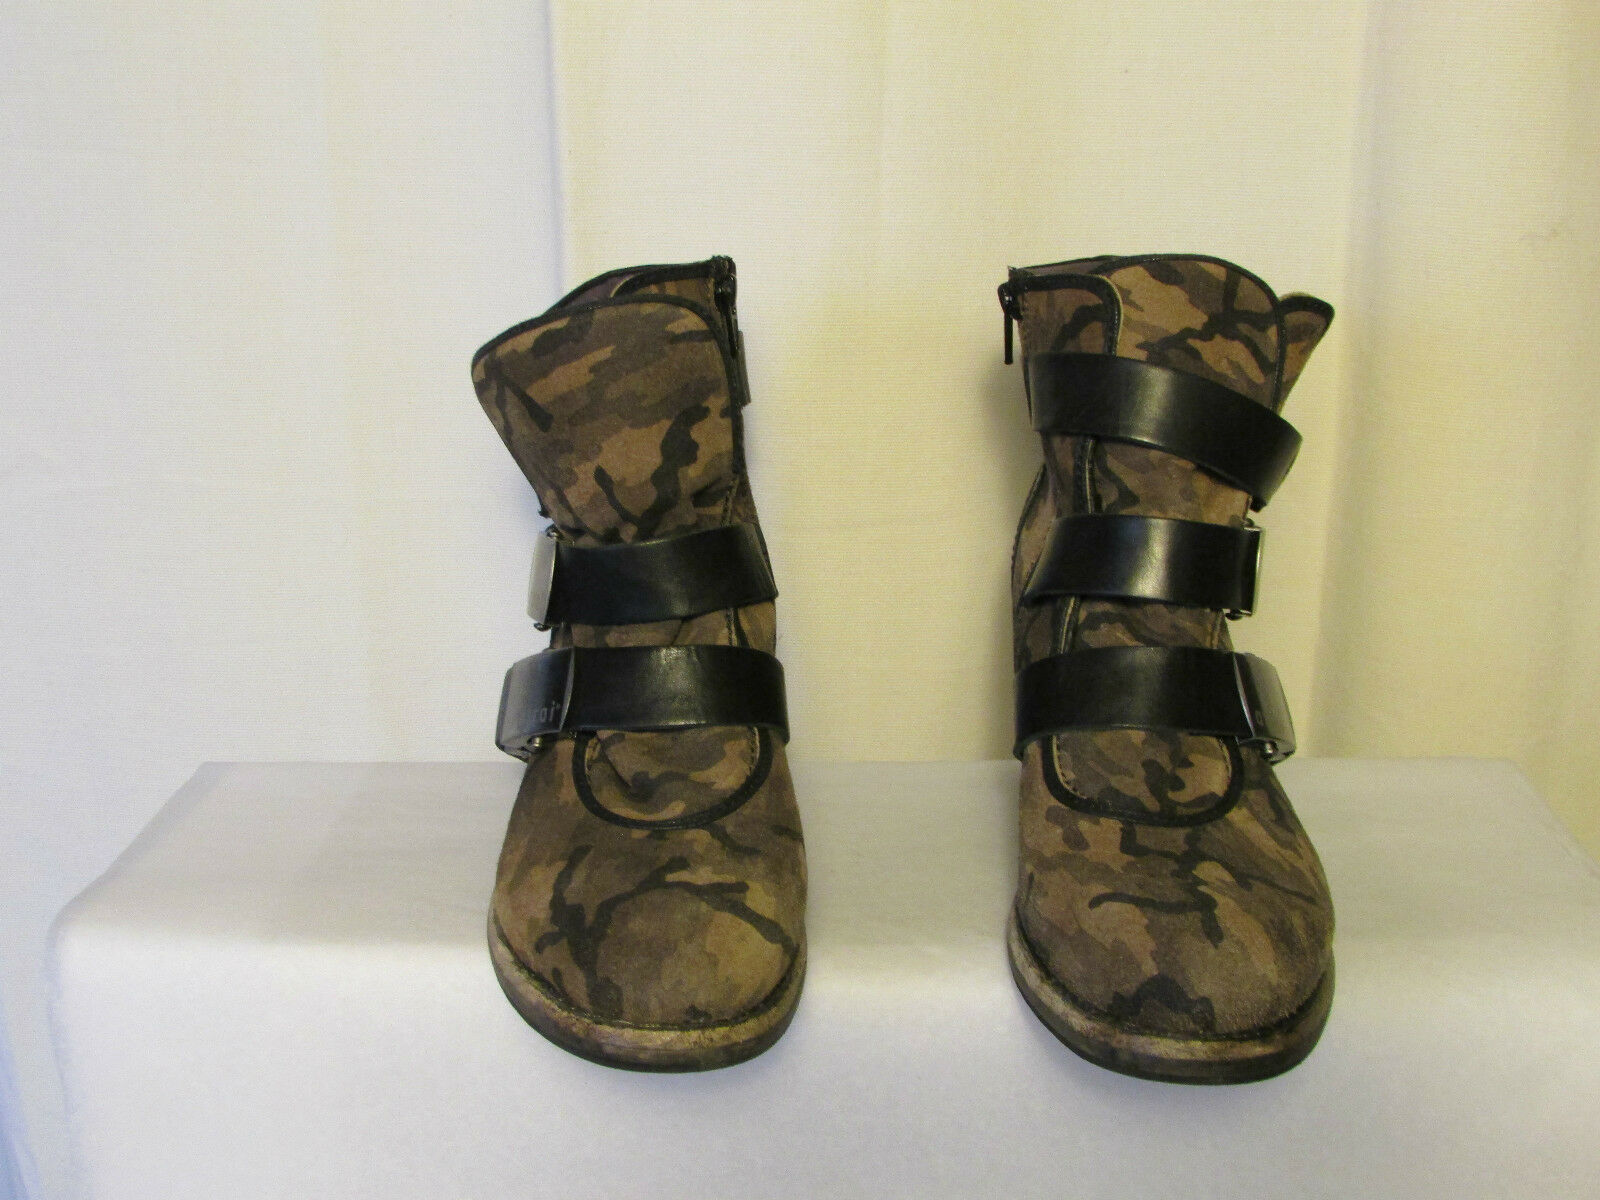 Stiefel/Stiefletten Tarnung ATRAI Wildleder Tarnung Stiefel/Stiefletten und Leder schwarz 41 990586